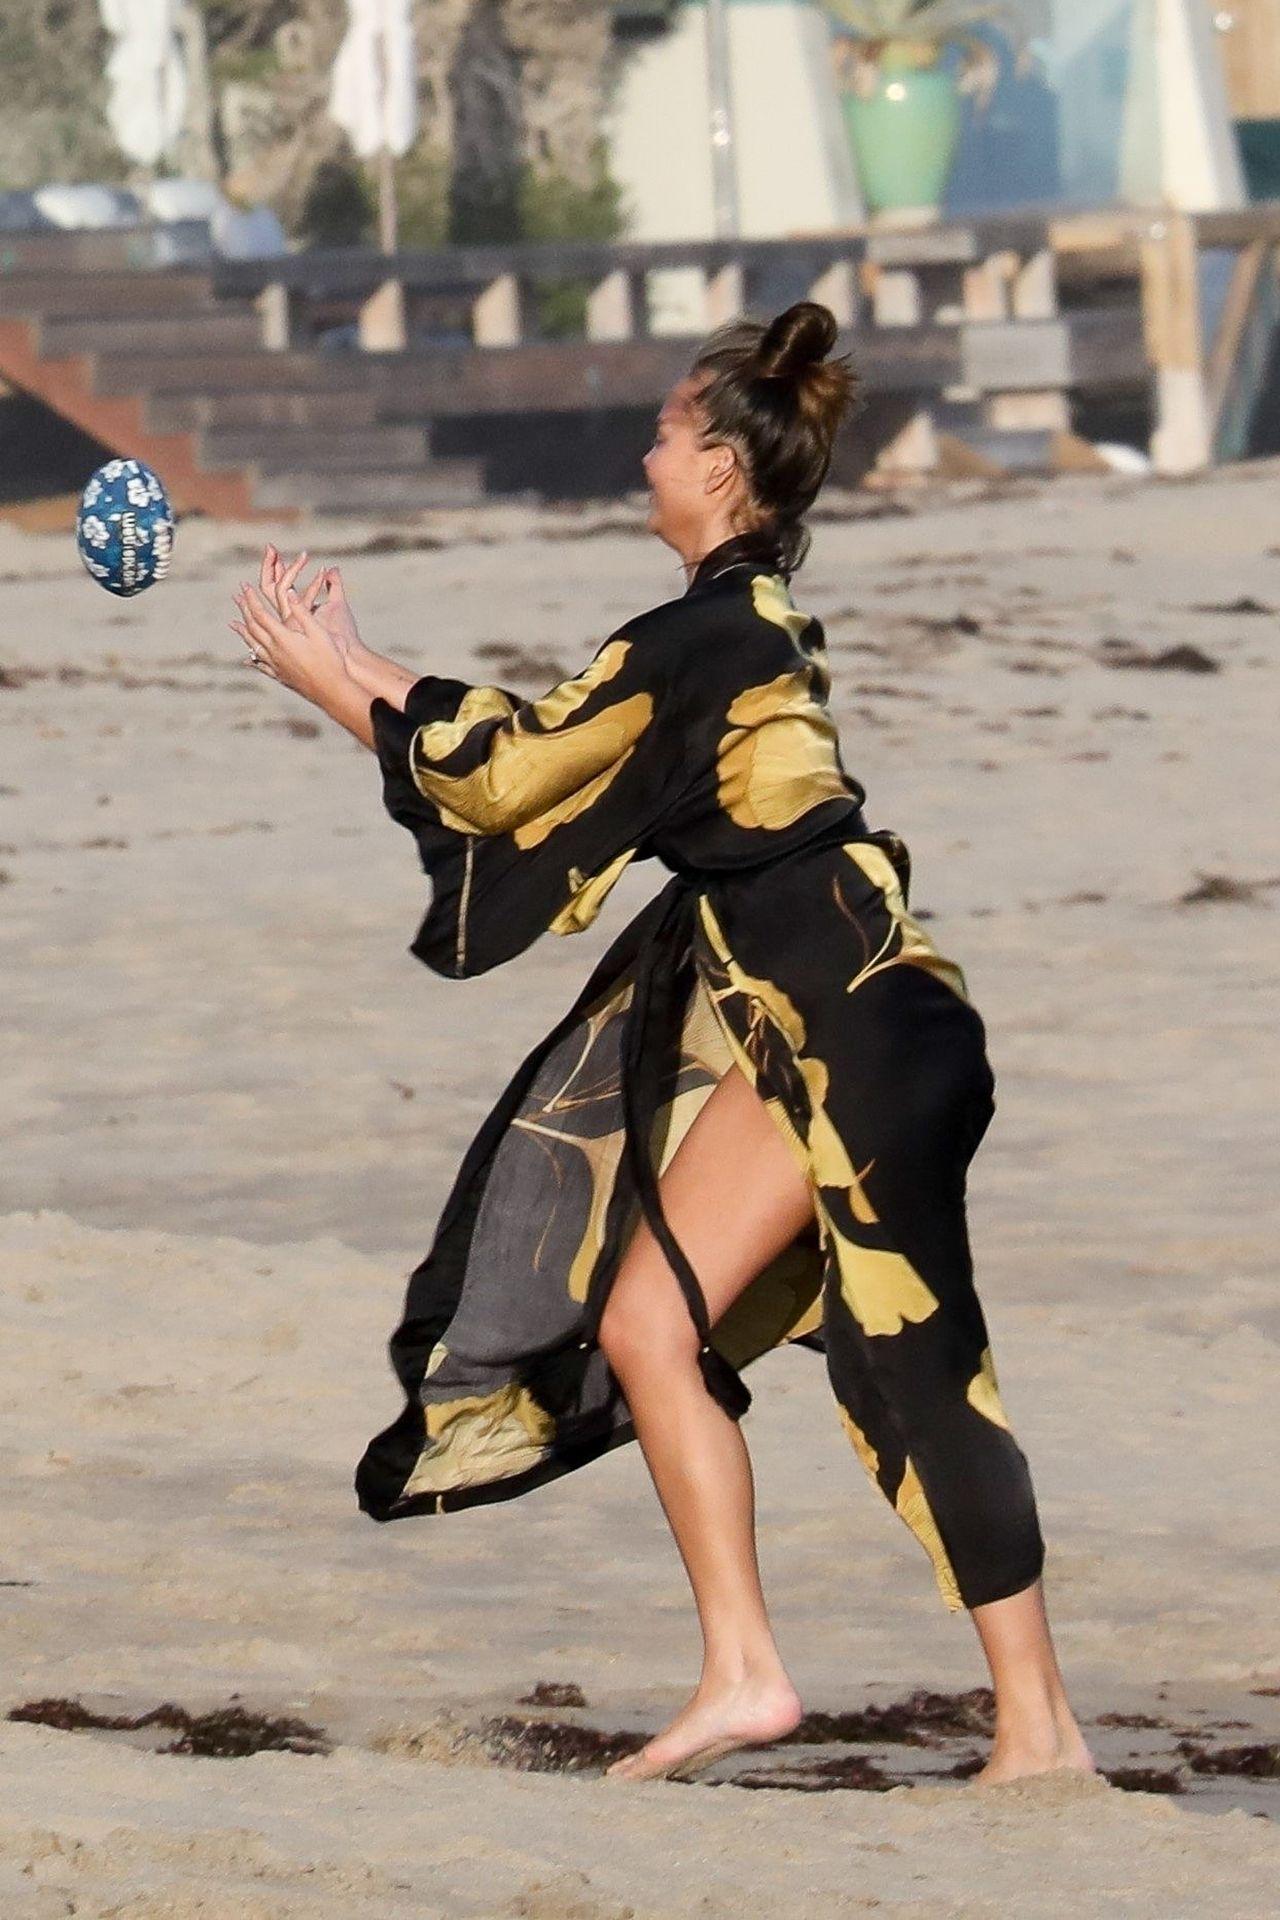 Chrissy Teigen Enjoys A Beach Day In Malibu Amid All Coronavirus Chaos 0028